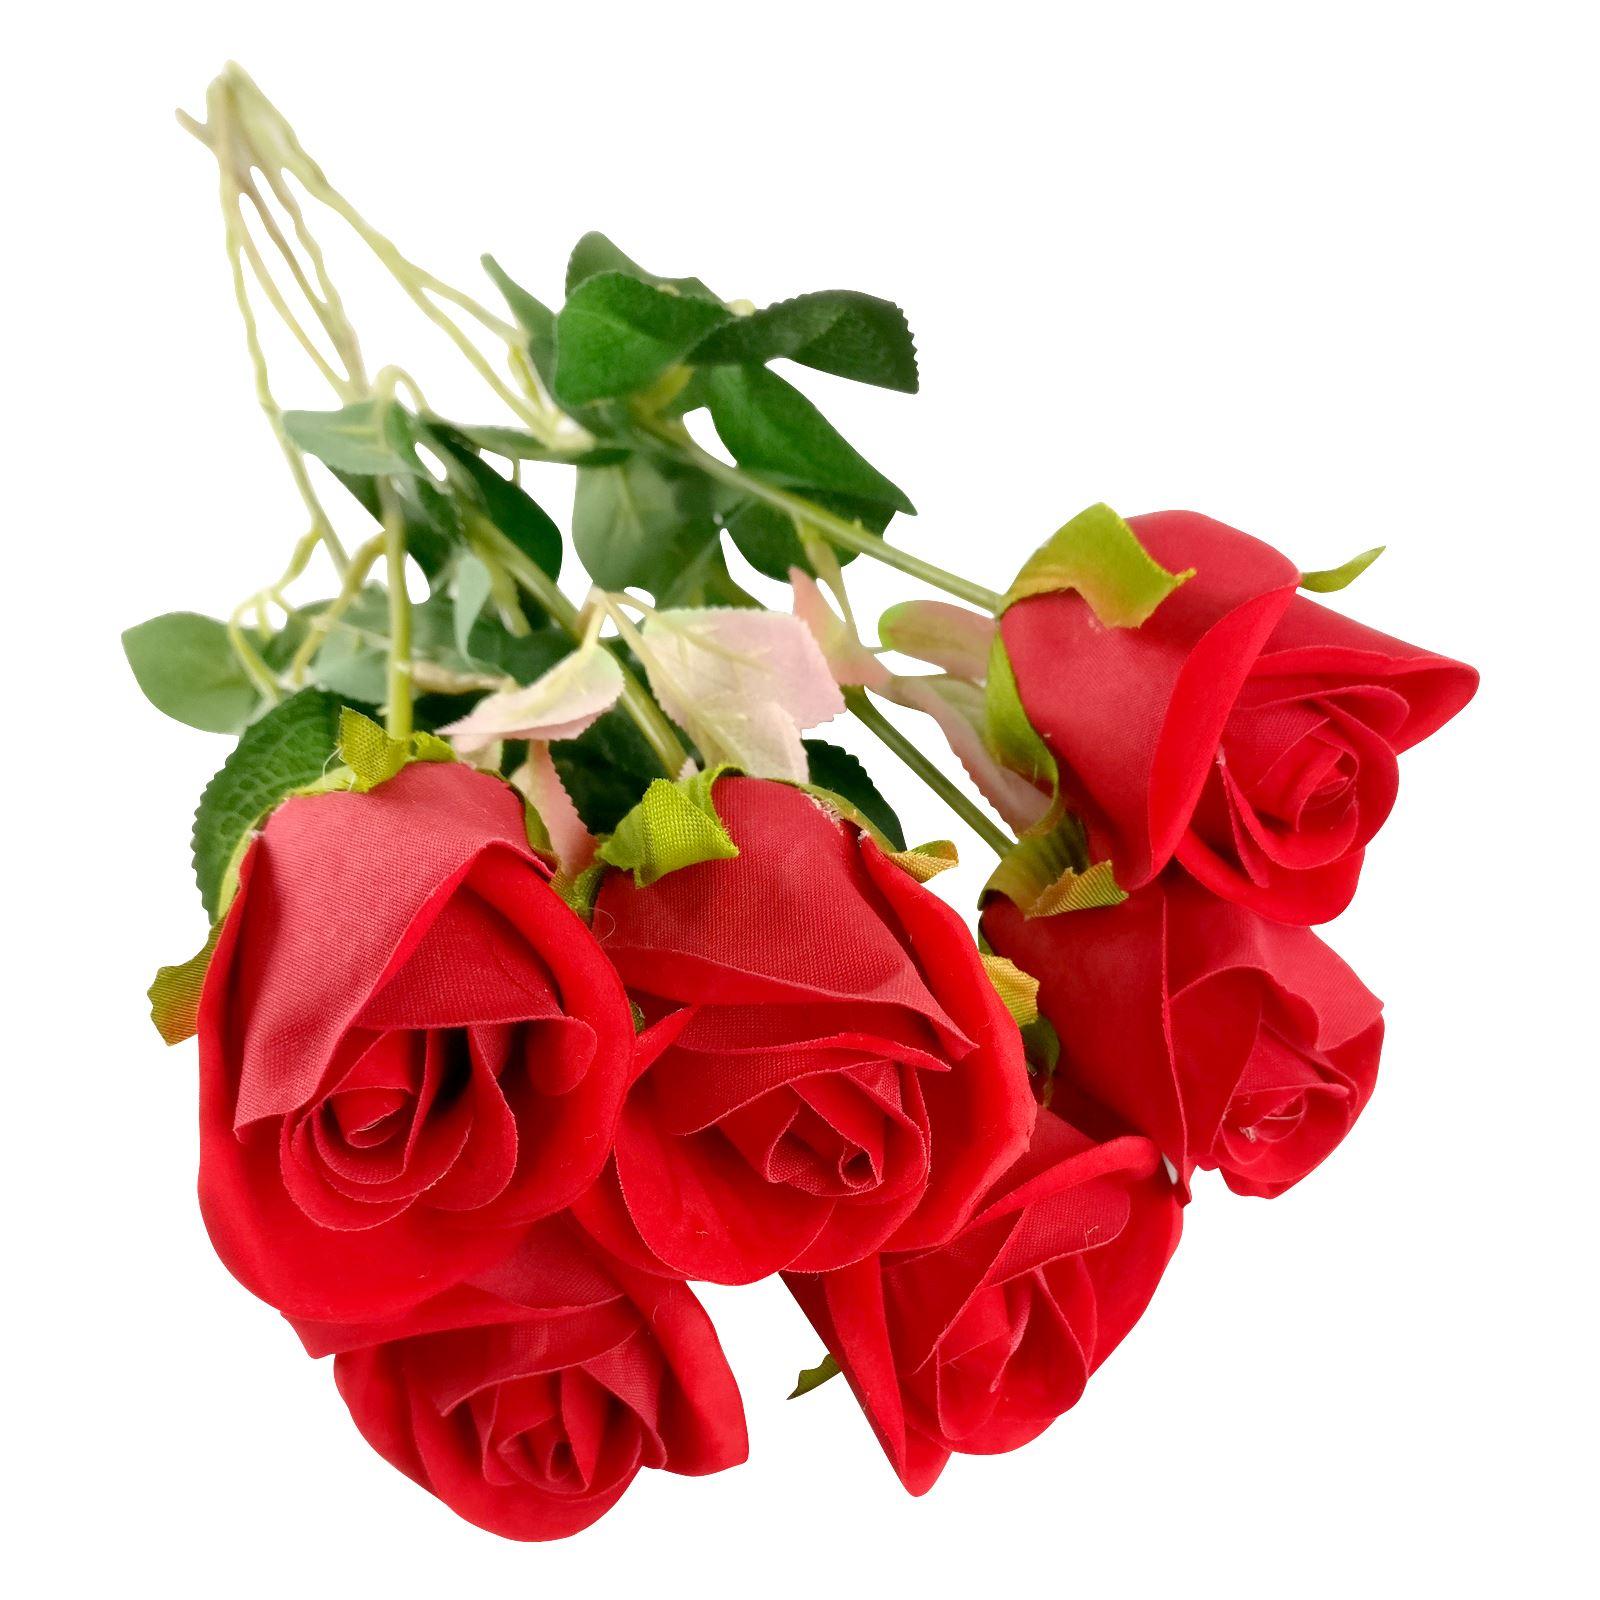 Premium Velvet Rose Buds Deluxe Silk Fake Valentines Red Roses Ebay